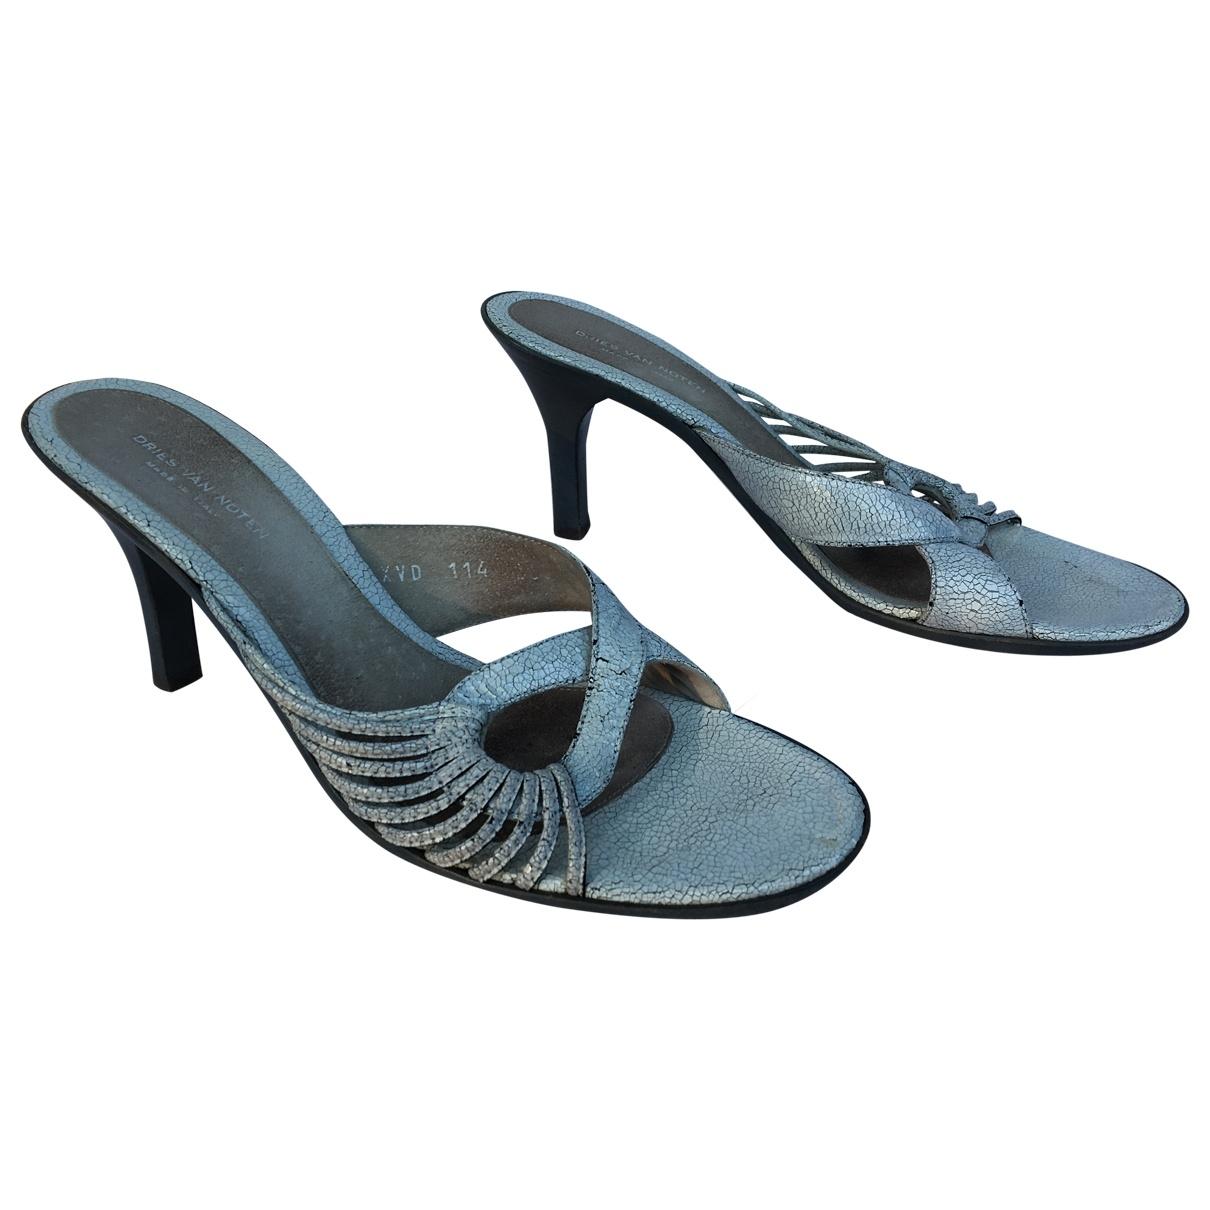 Dries Van Noten - Sandales   pour femme en cuir verni - gris